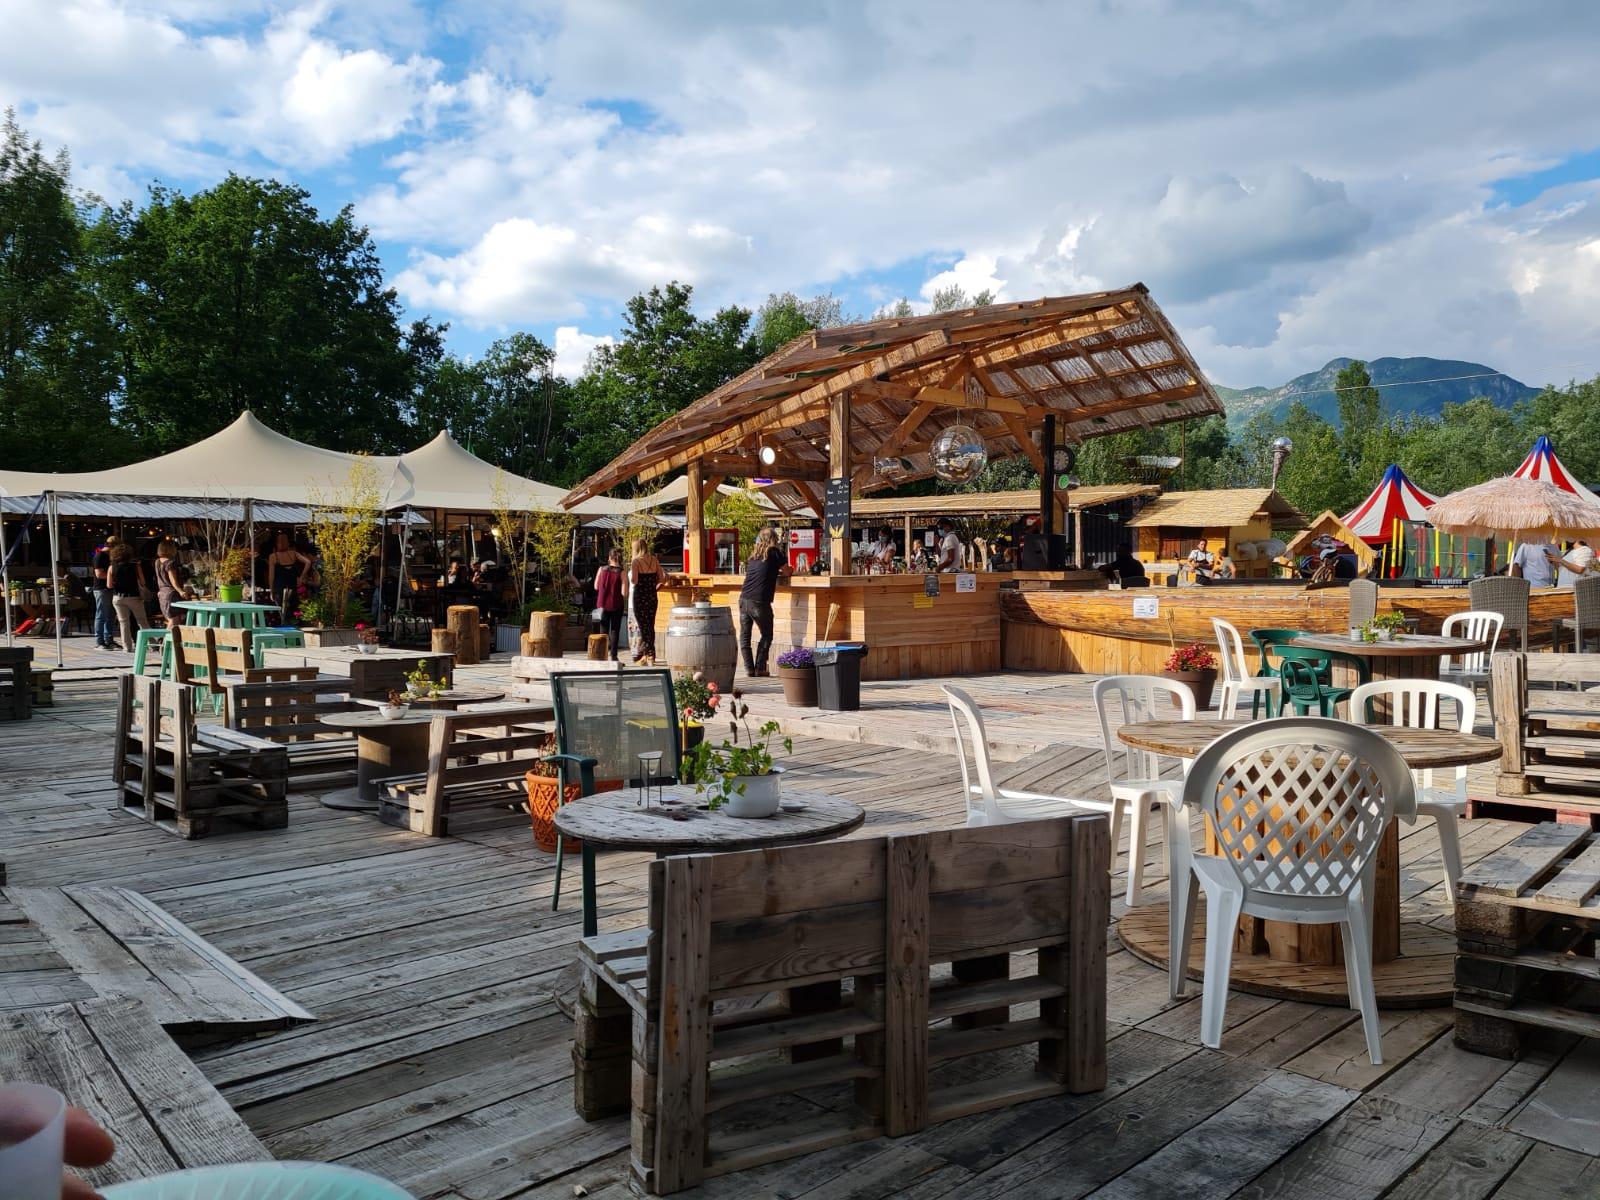 Terrasse du bar du marché de la Seiche à Sevrier, Lac d'Annecy